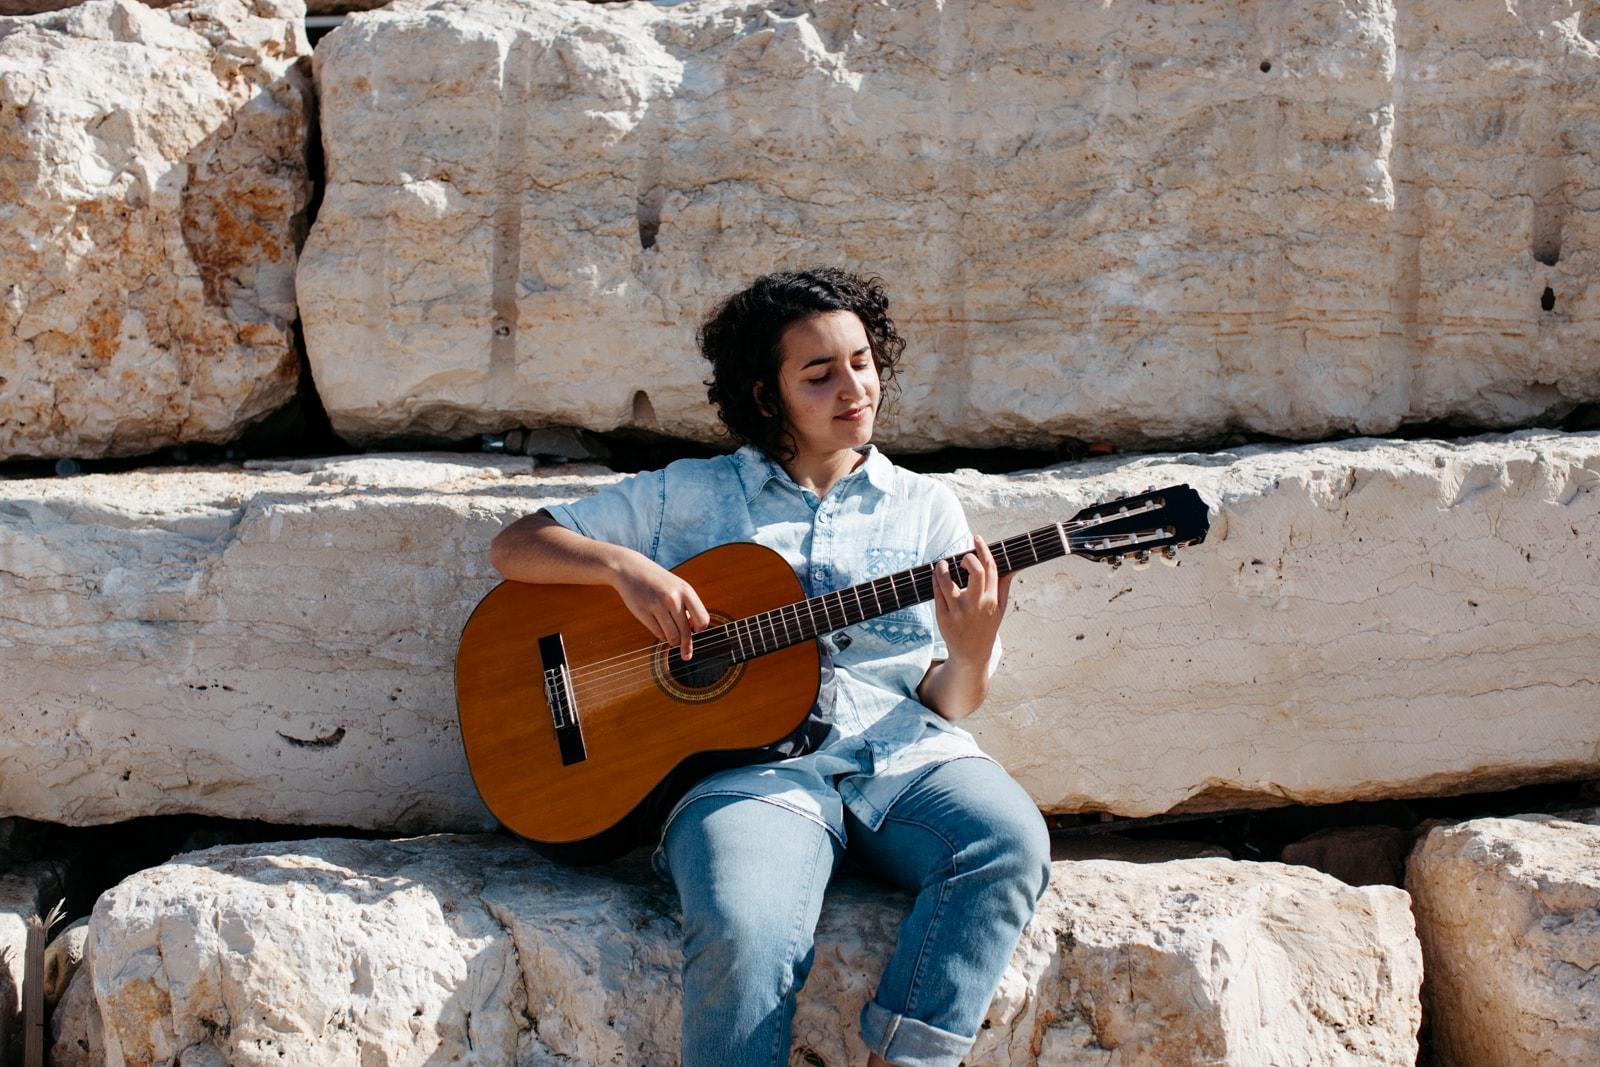 KCTP00019-MUSICIANS-JAFFA BEACH-TEL AVIV-ISRAEL-GRANT